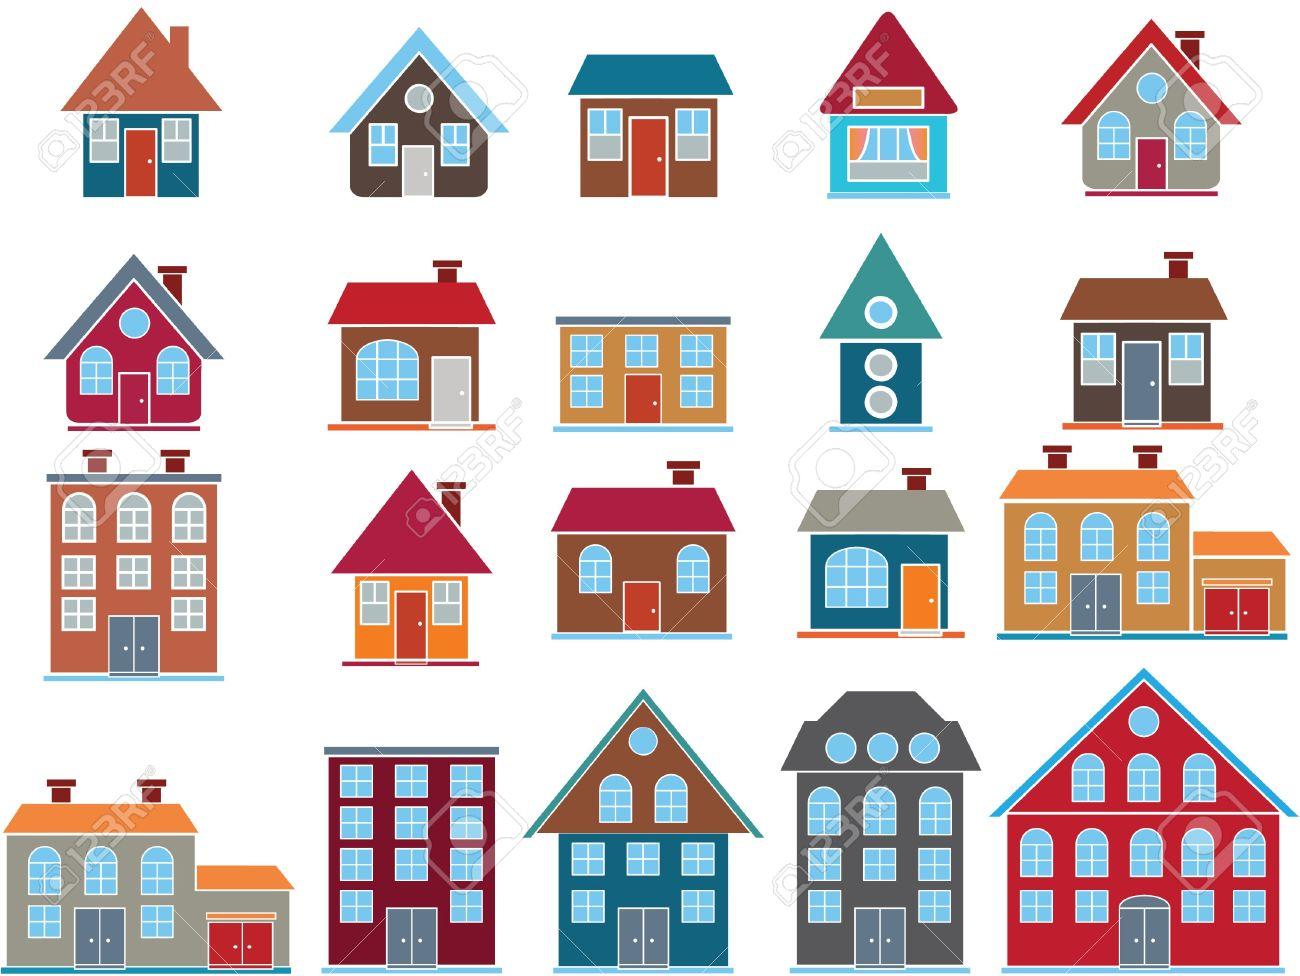 Apartment Building Illustration brilliant apartment building illustration find this pin and more